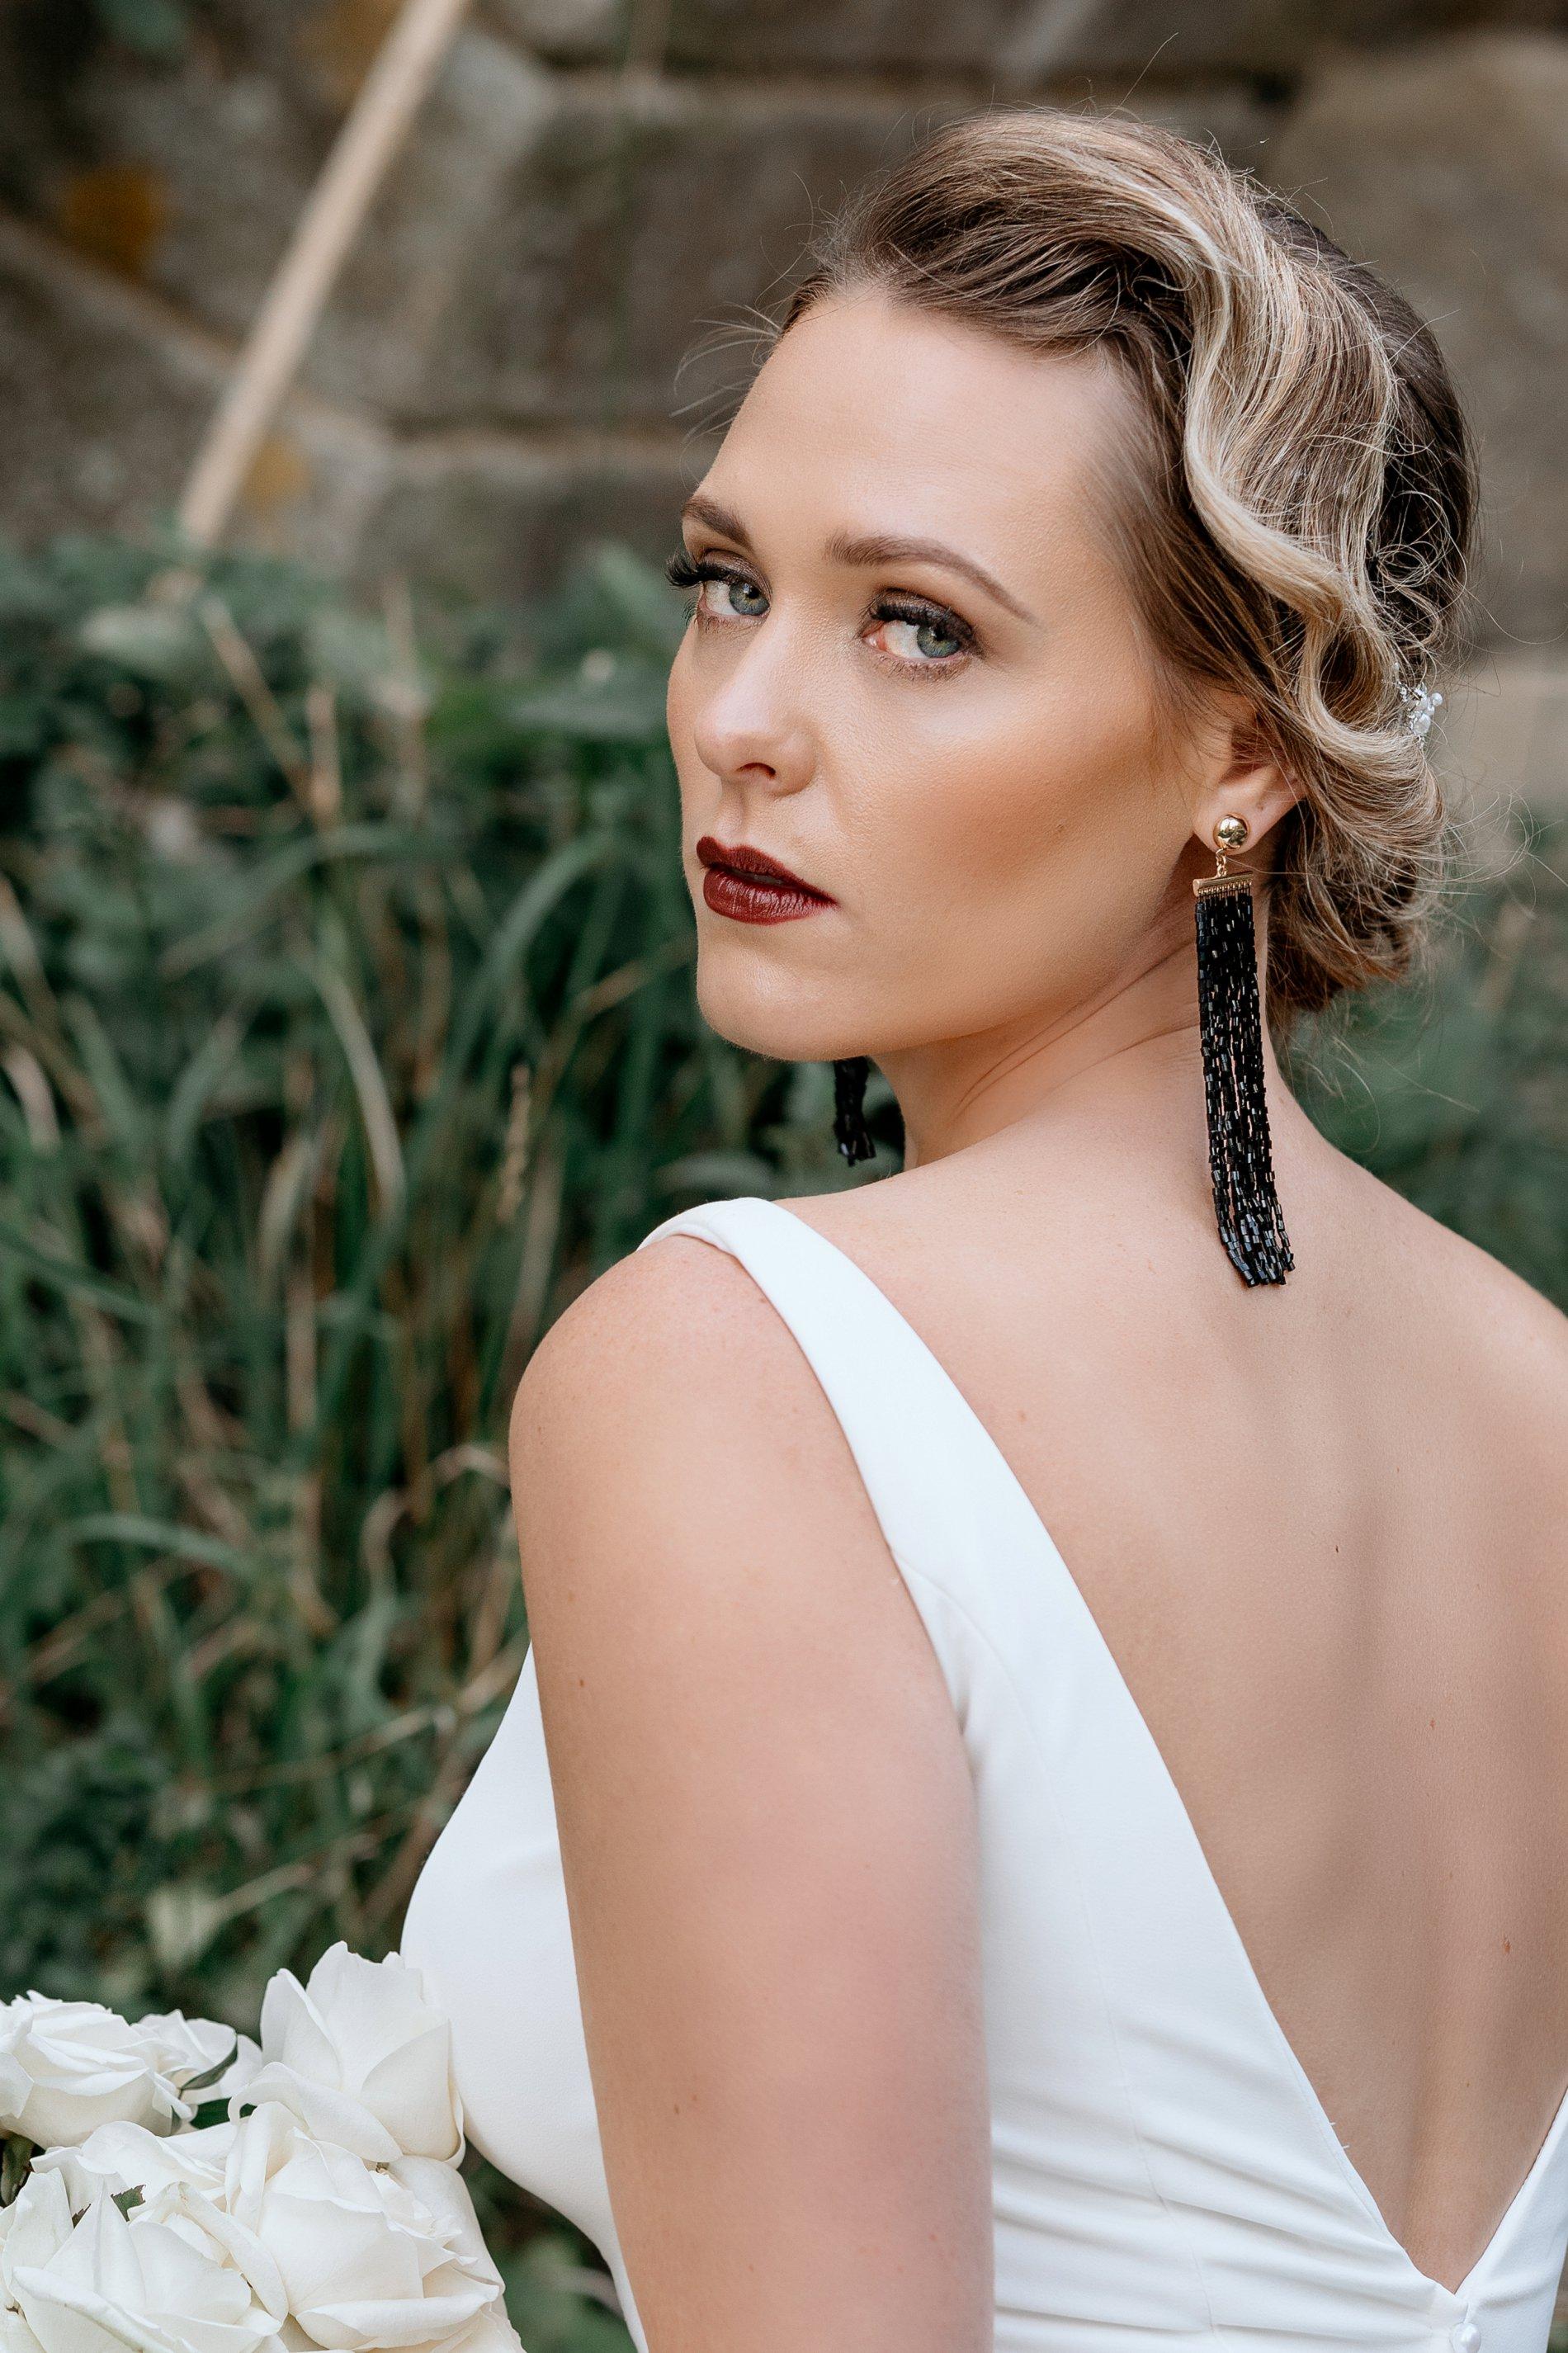 An Elegant Wedding Shoot at Jervaulx Abbey (c) Natalie Hamilton Photography (18)